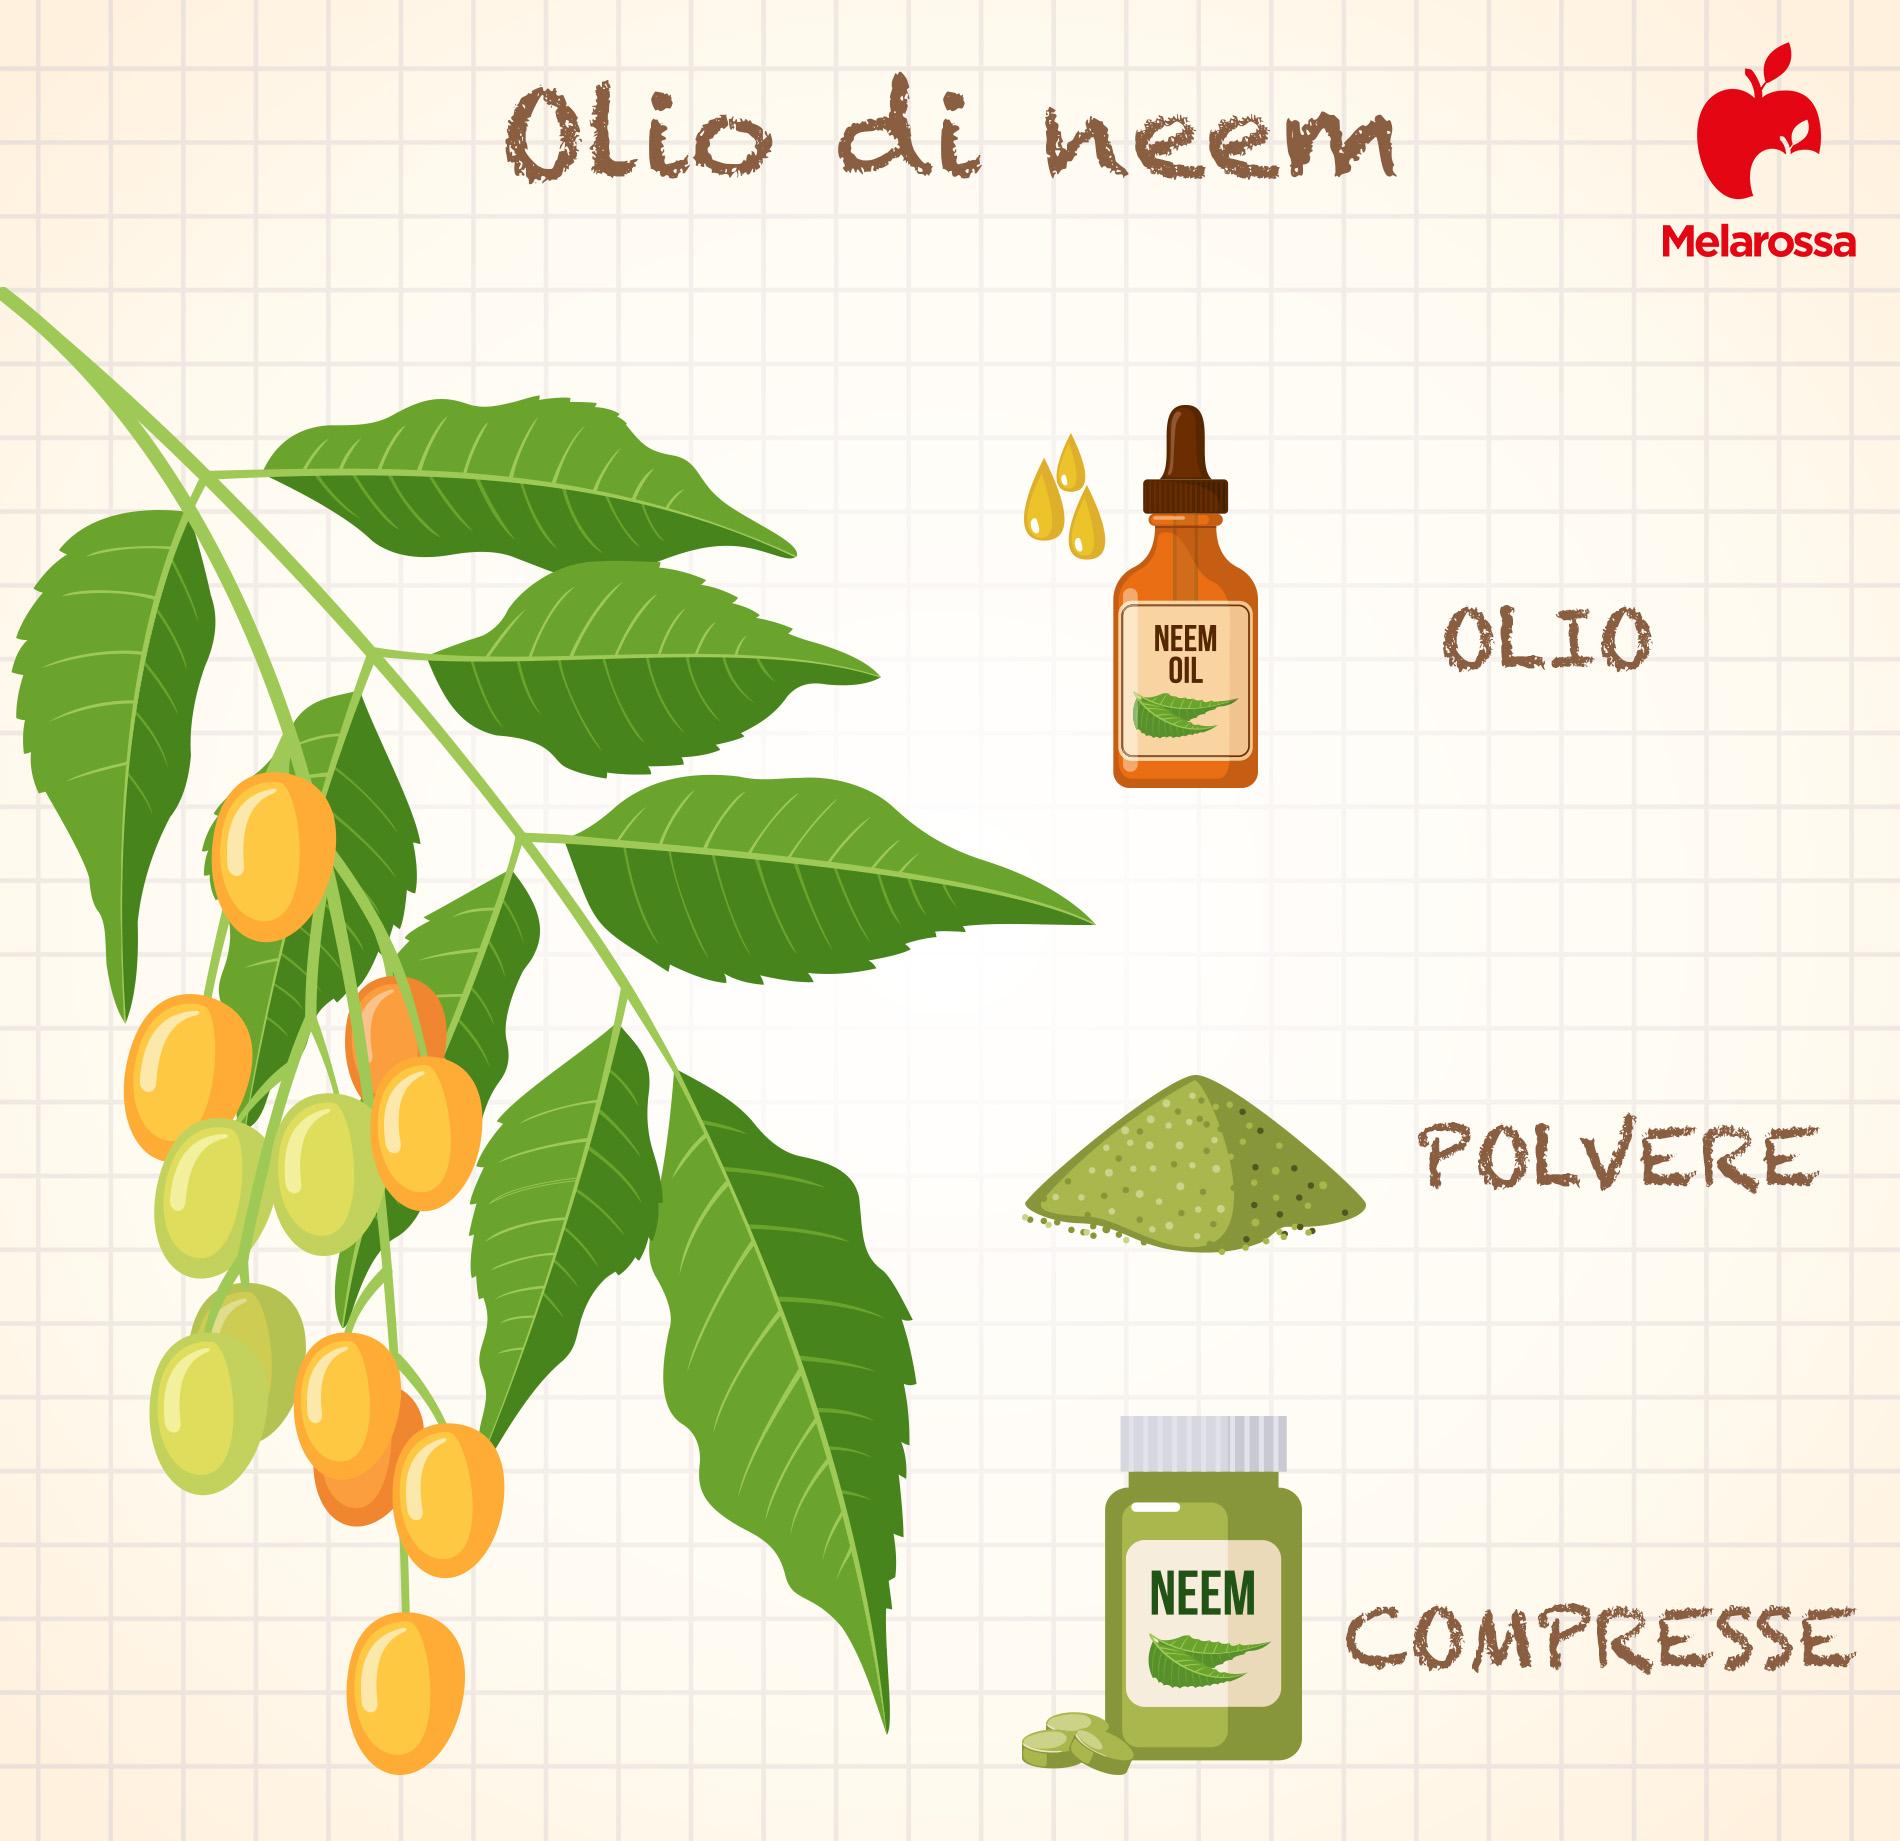 olio di neem in polvere o compresse